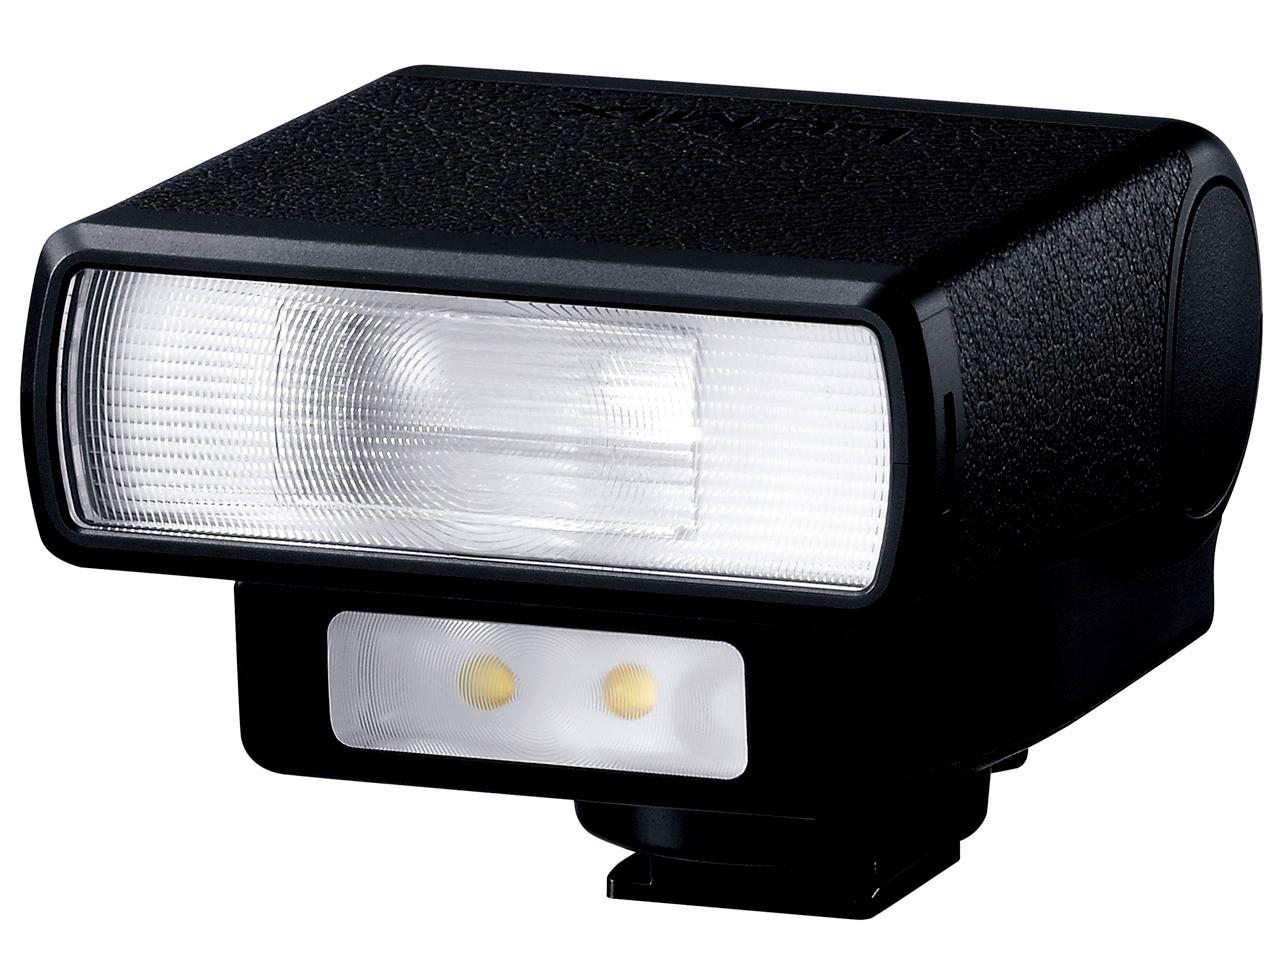 Panasonic DMW-FL200L